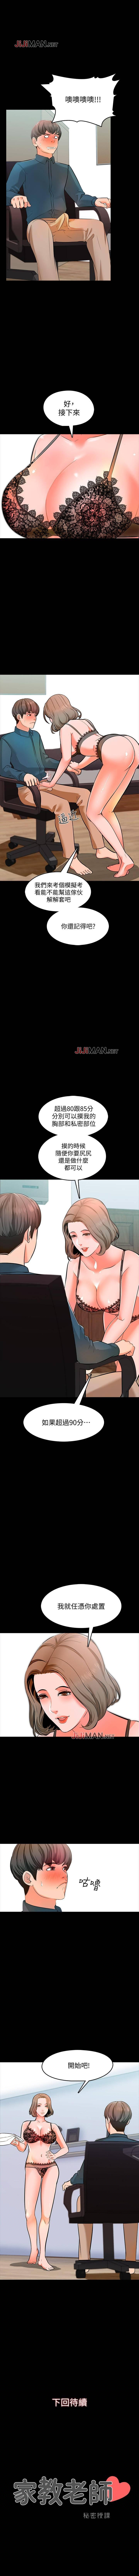 【周一连载】家教老师(作者: CreamMedia) 第1~44话 25